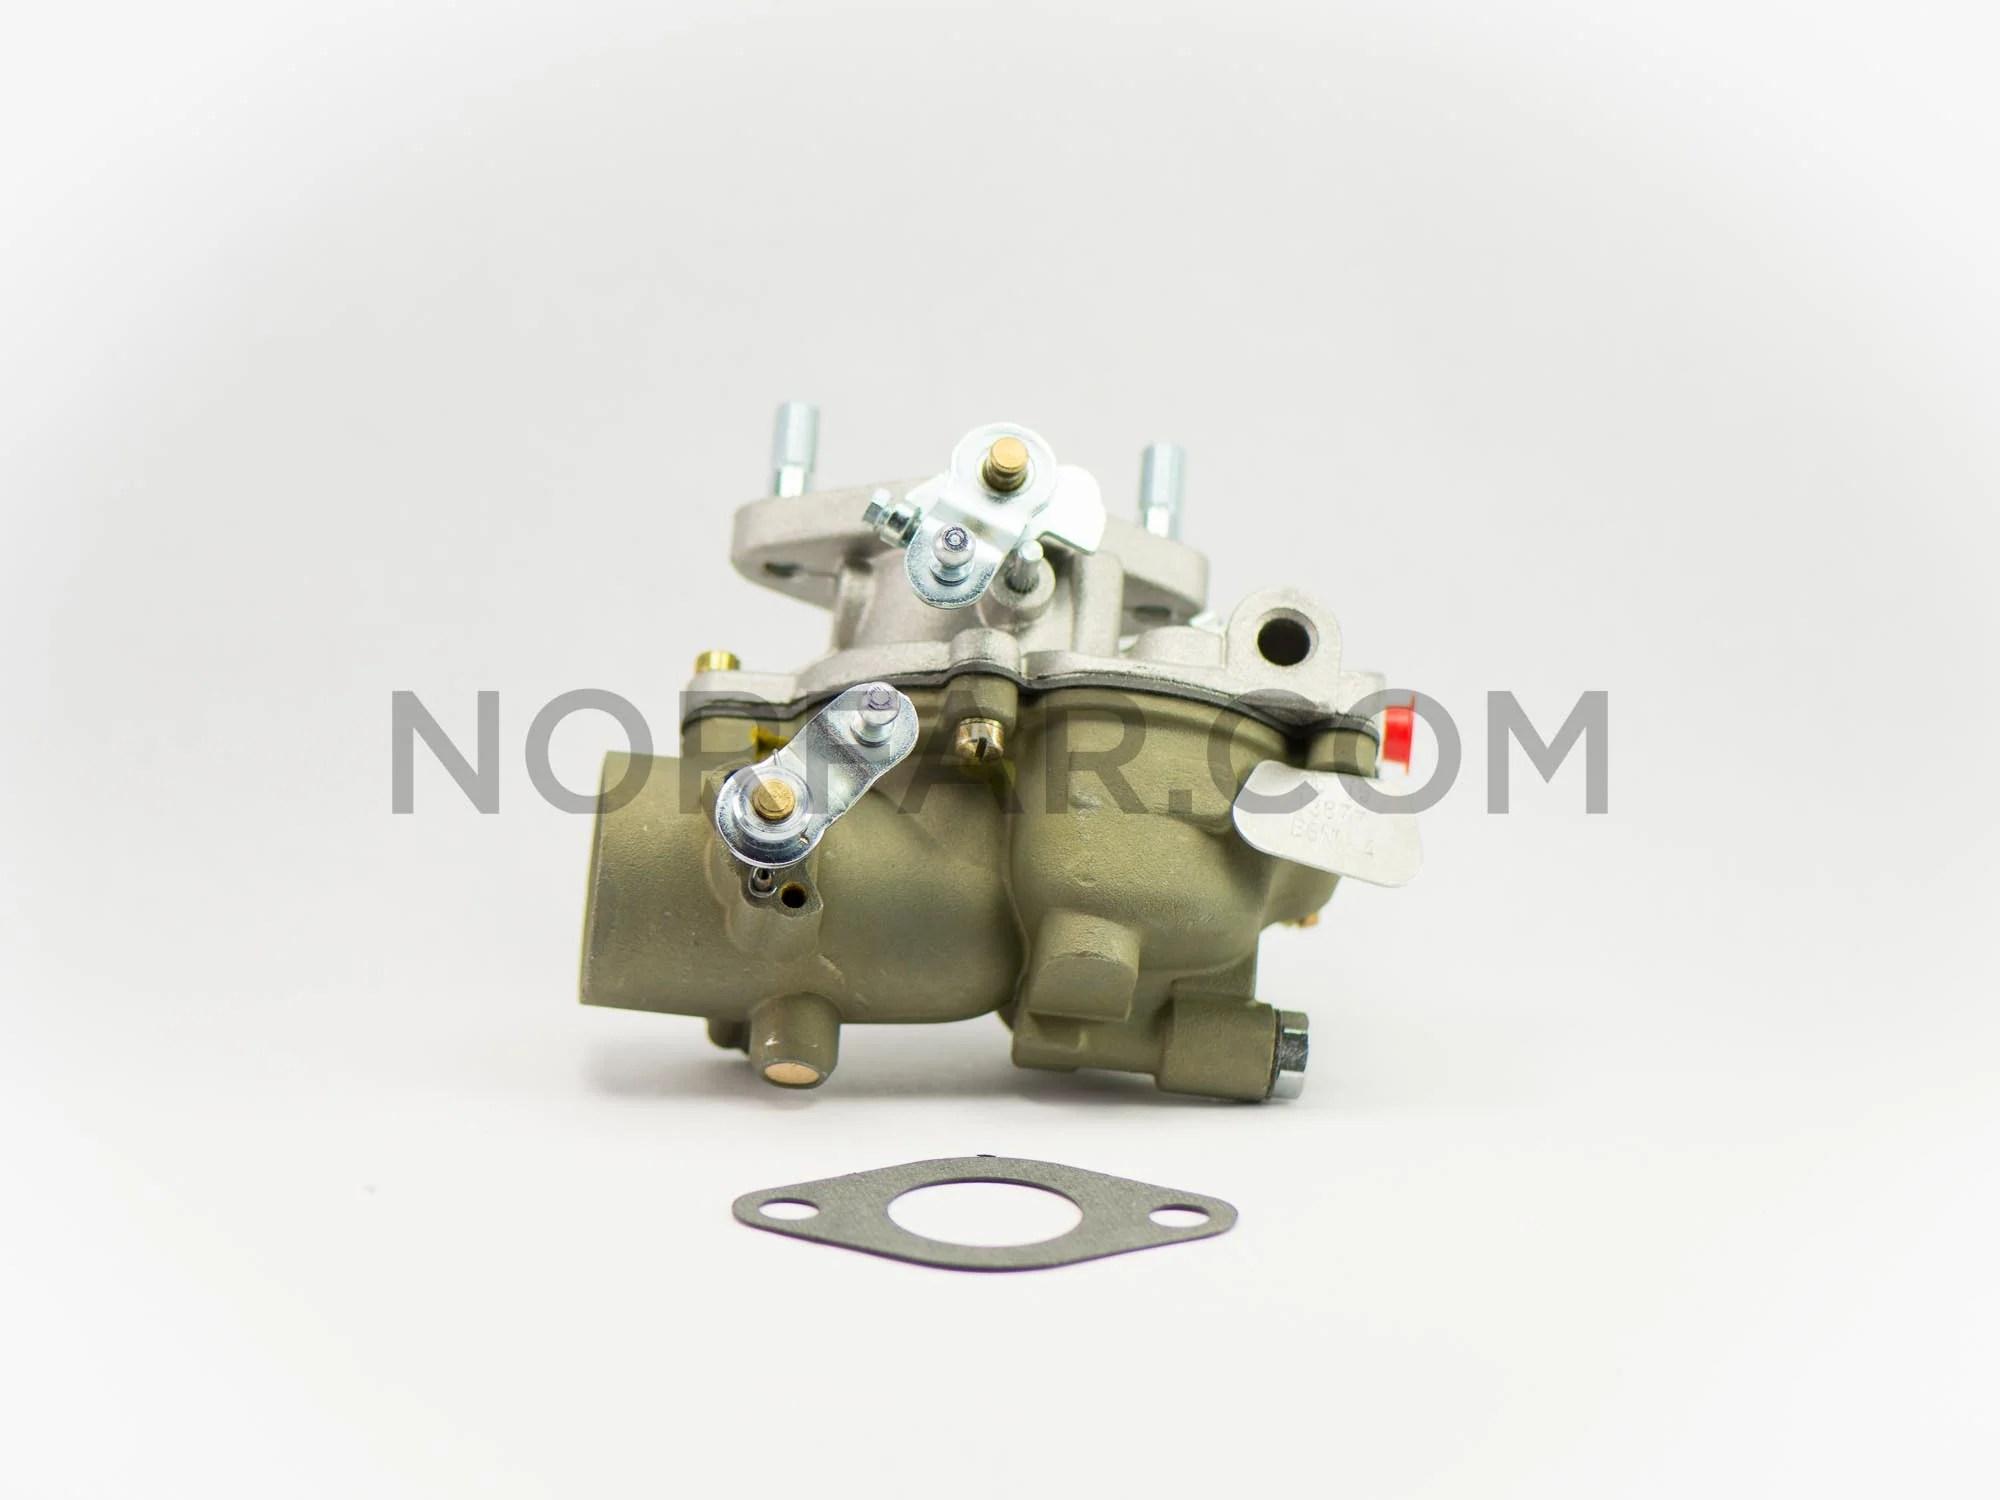 small resolution of zenith 13877 carburetor ford b6nn9510 a norfar com farmall super h carburetor diagram zenith 13877 carburetor